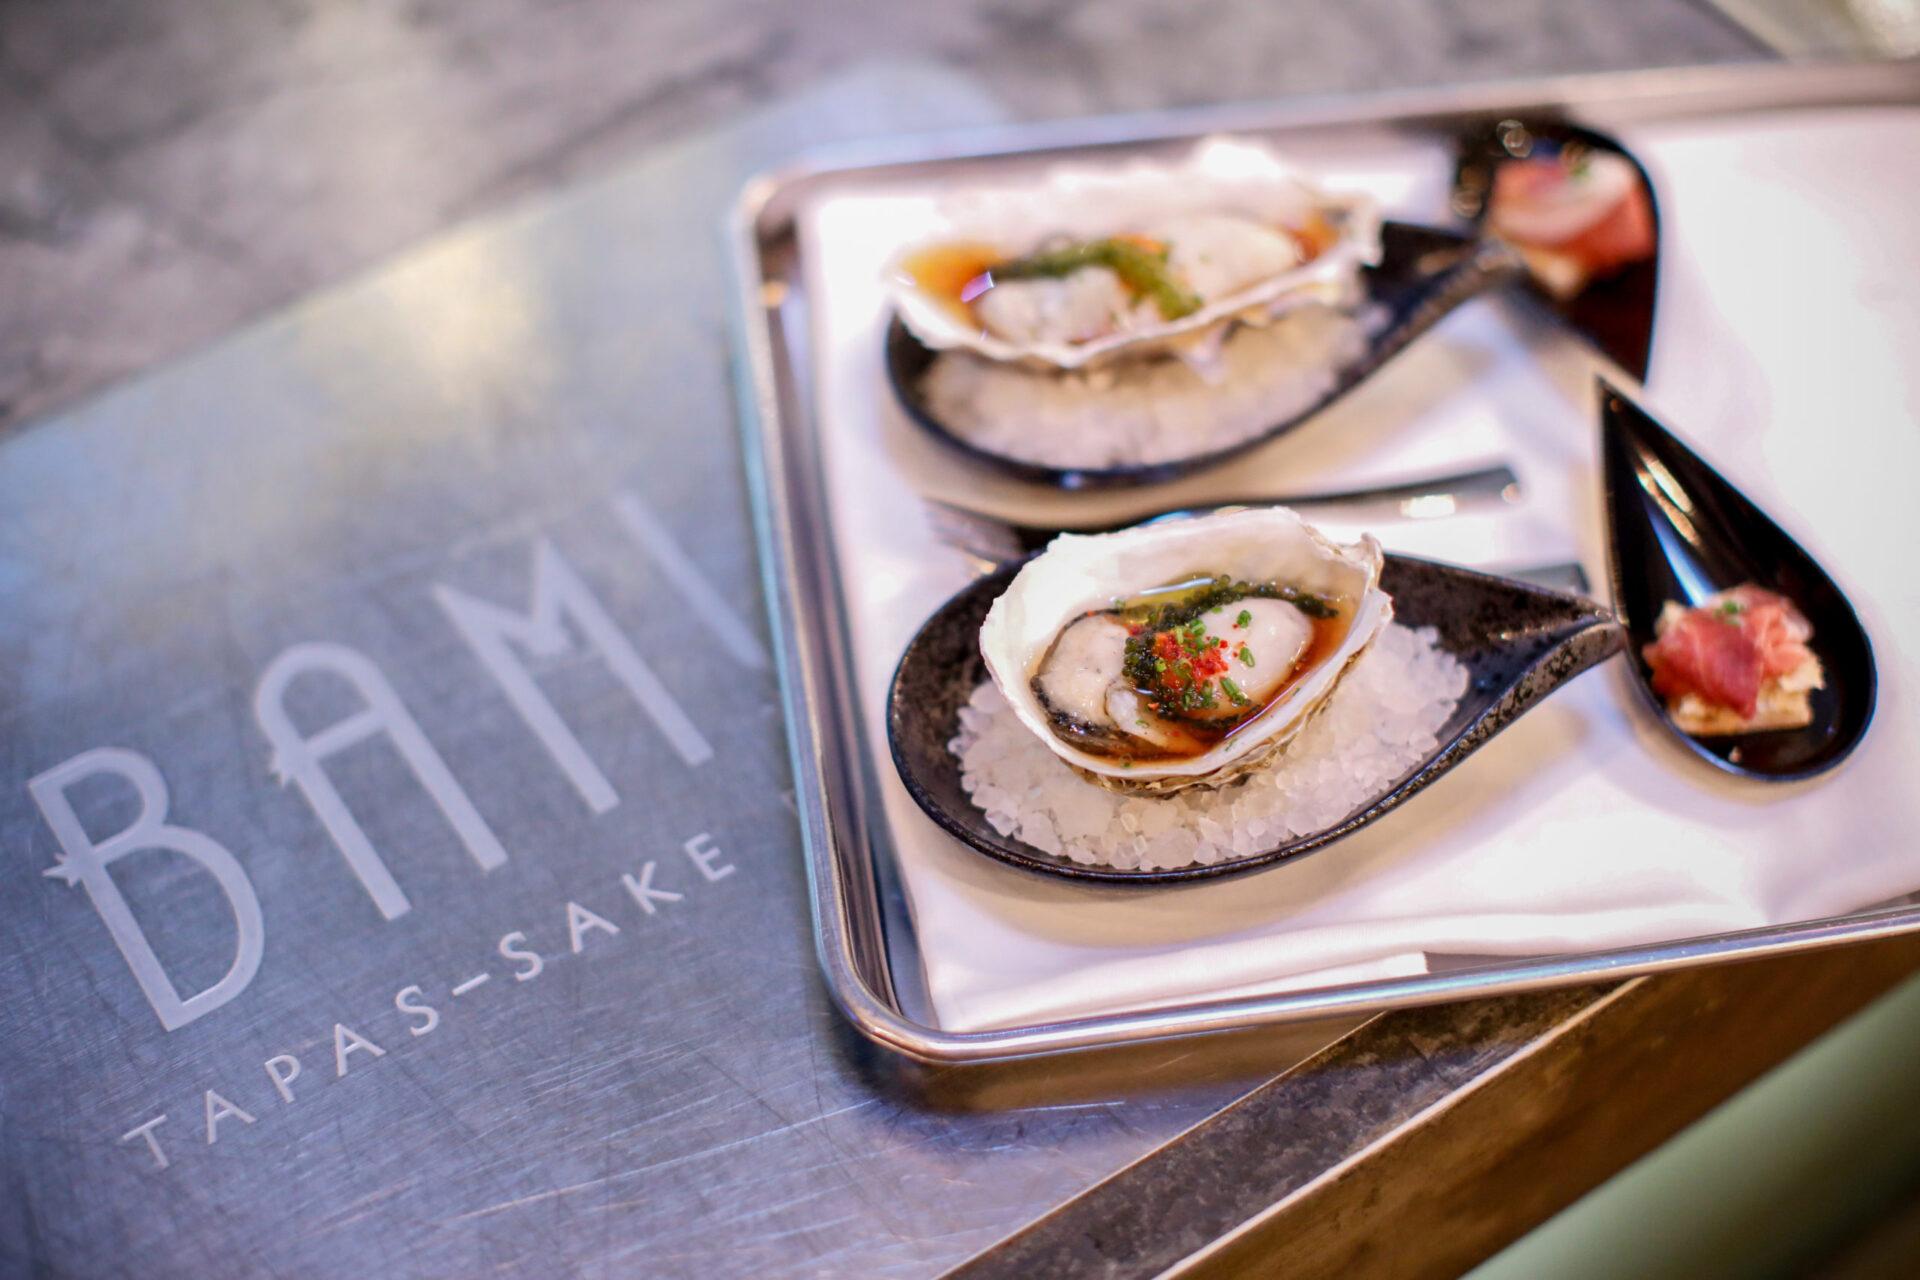 和食、インド、フュージョン、海鮮レストランならここ!シンガライフ的シンガポールのレストラン5選